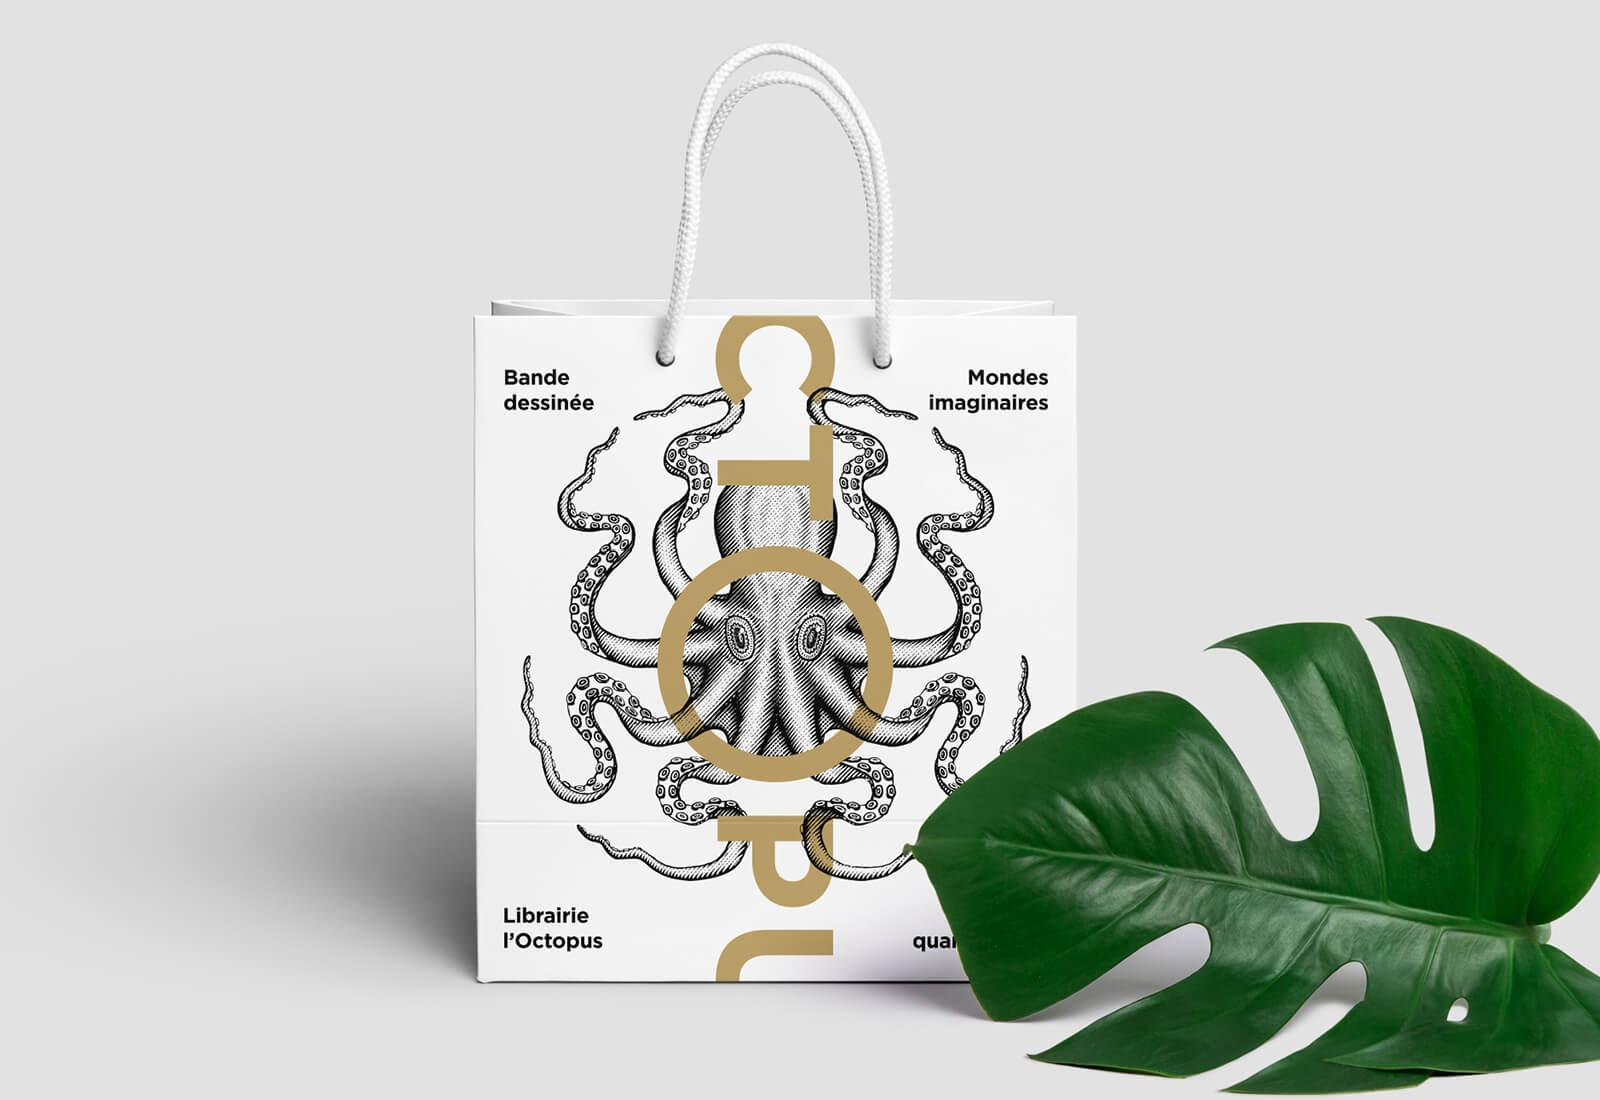 libraire octopus sac